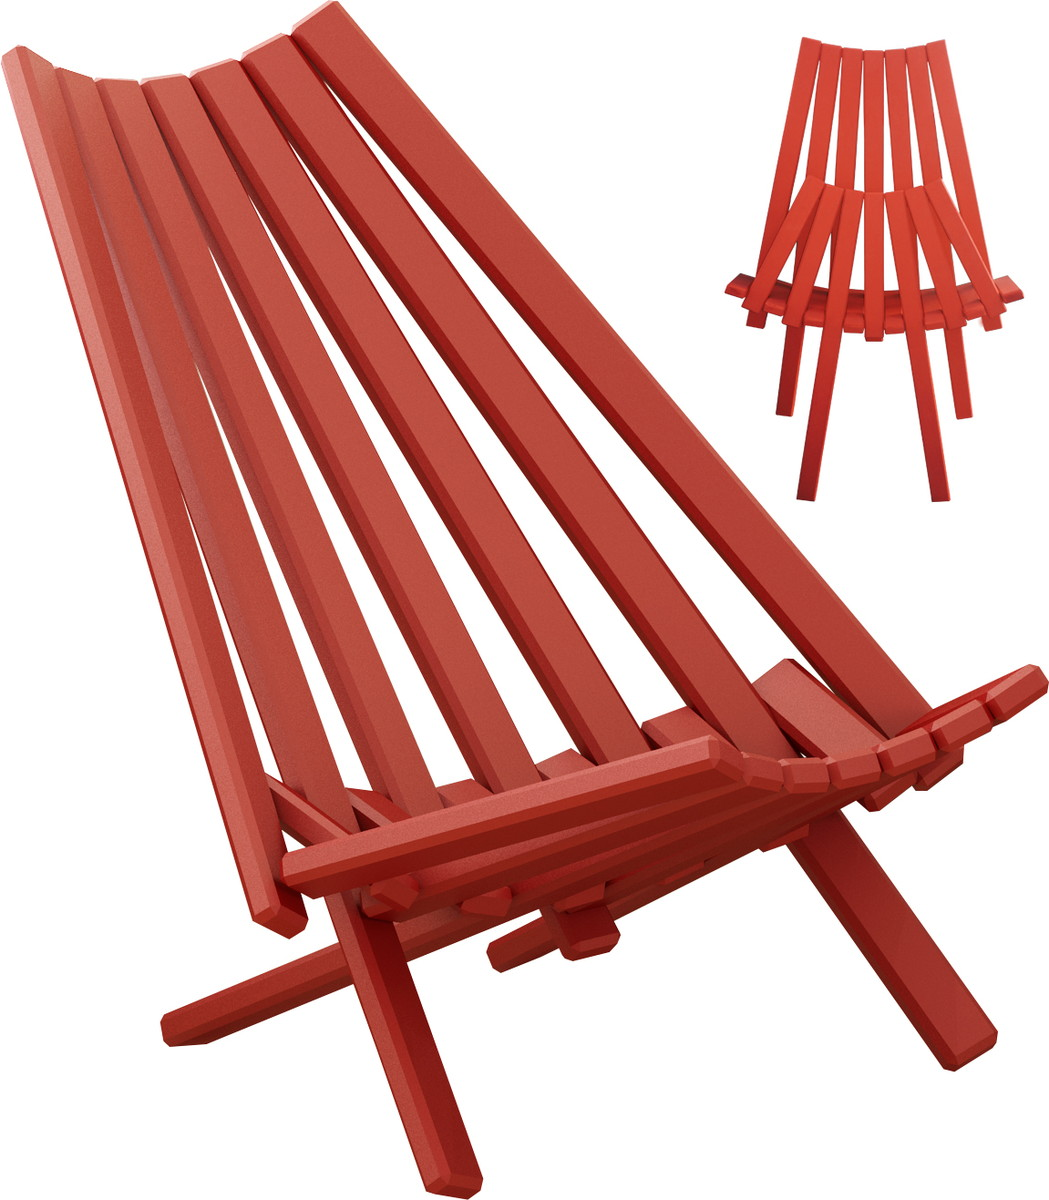 cadeira varanda dobravel ripada madeira cadeiraespreguicadeira cadeira  #470504 1049x1200